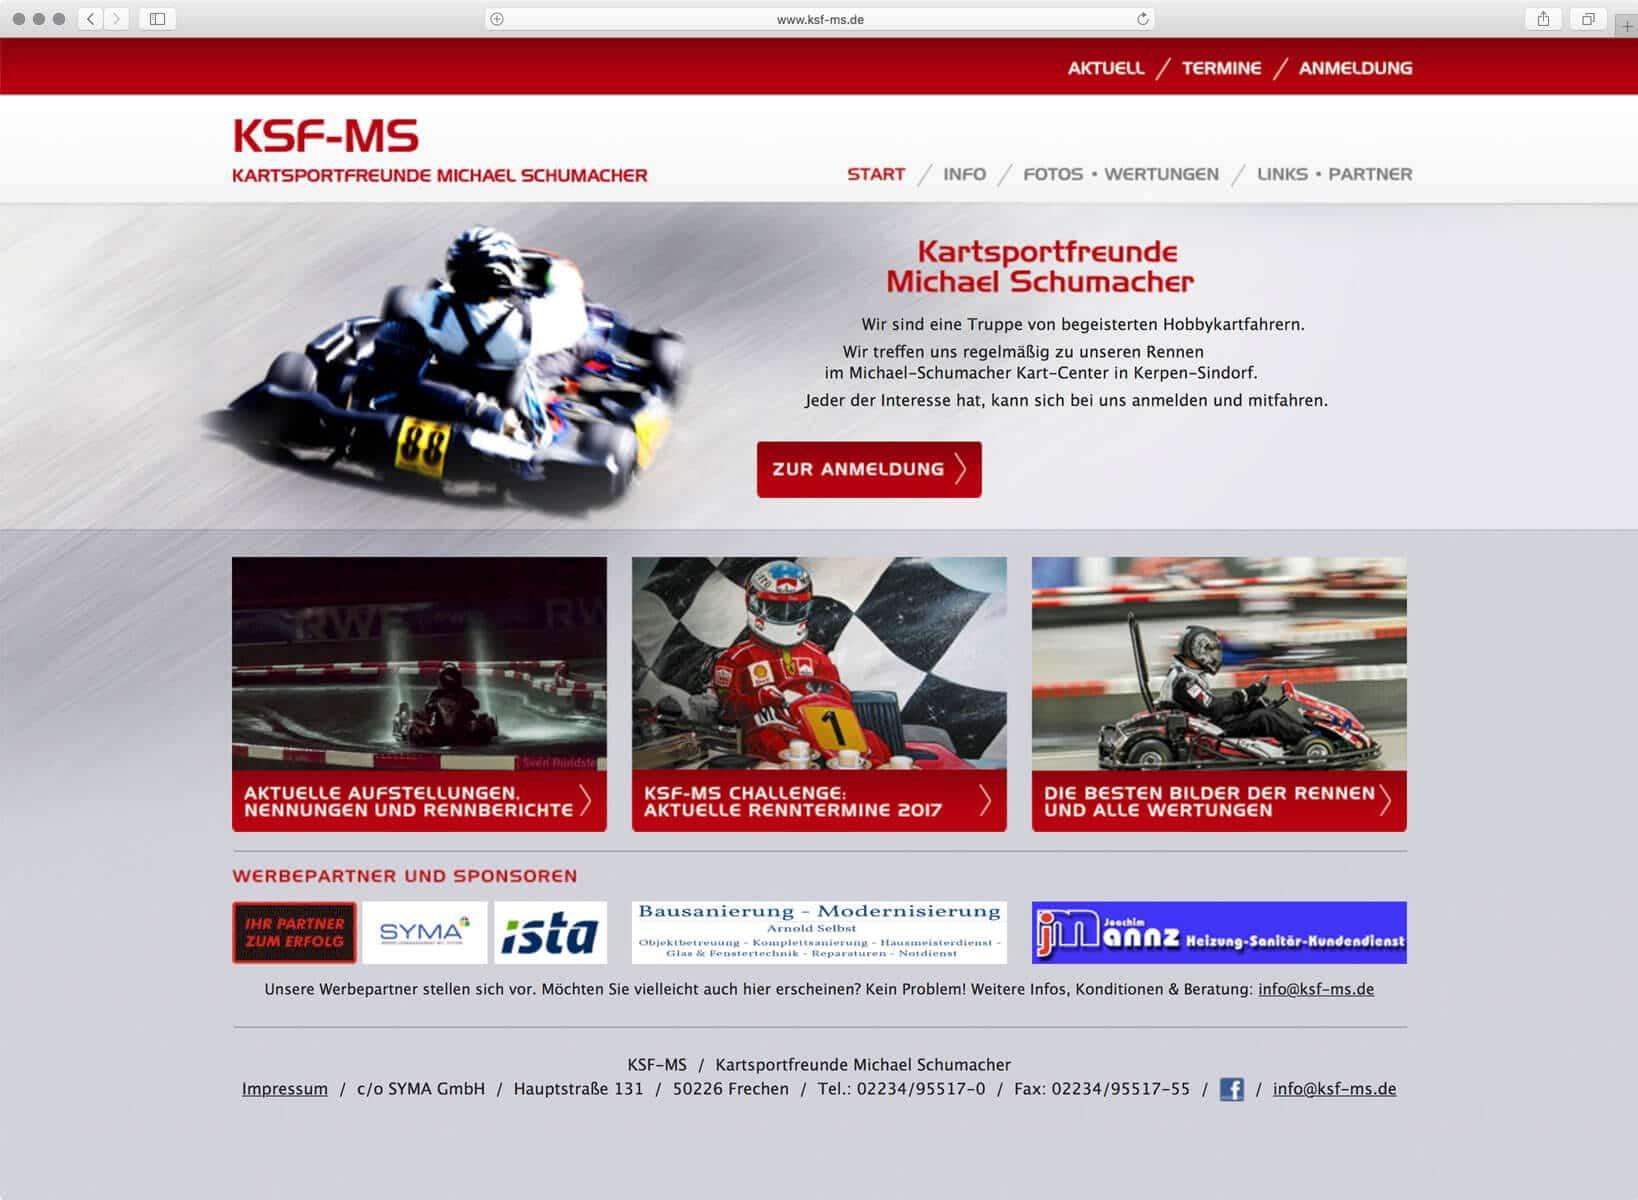 www.ksf-ms.de